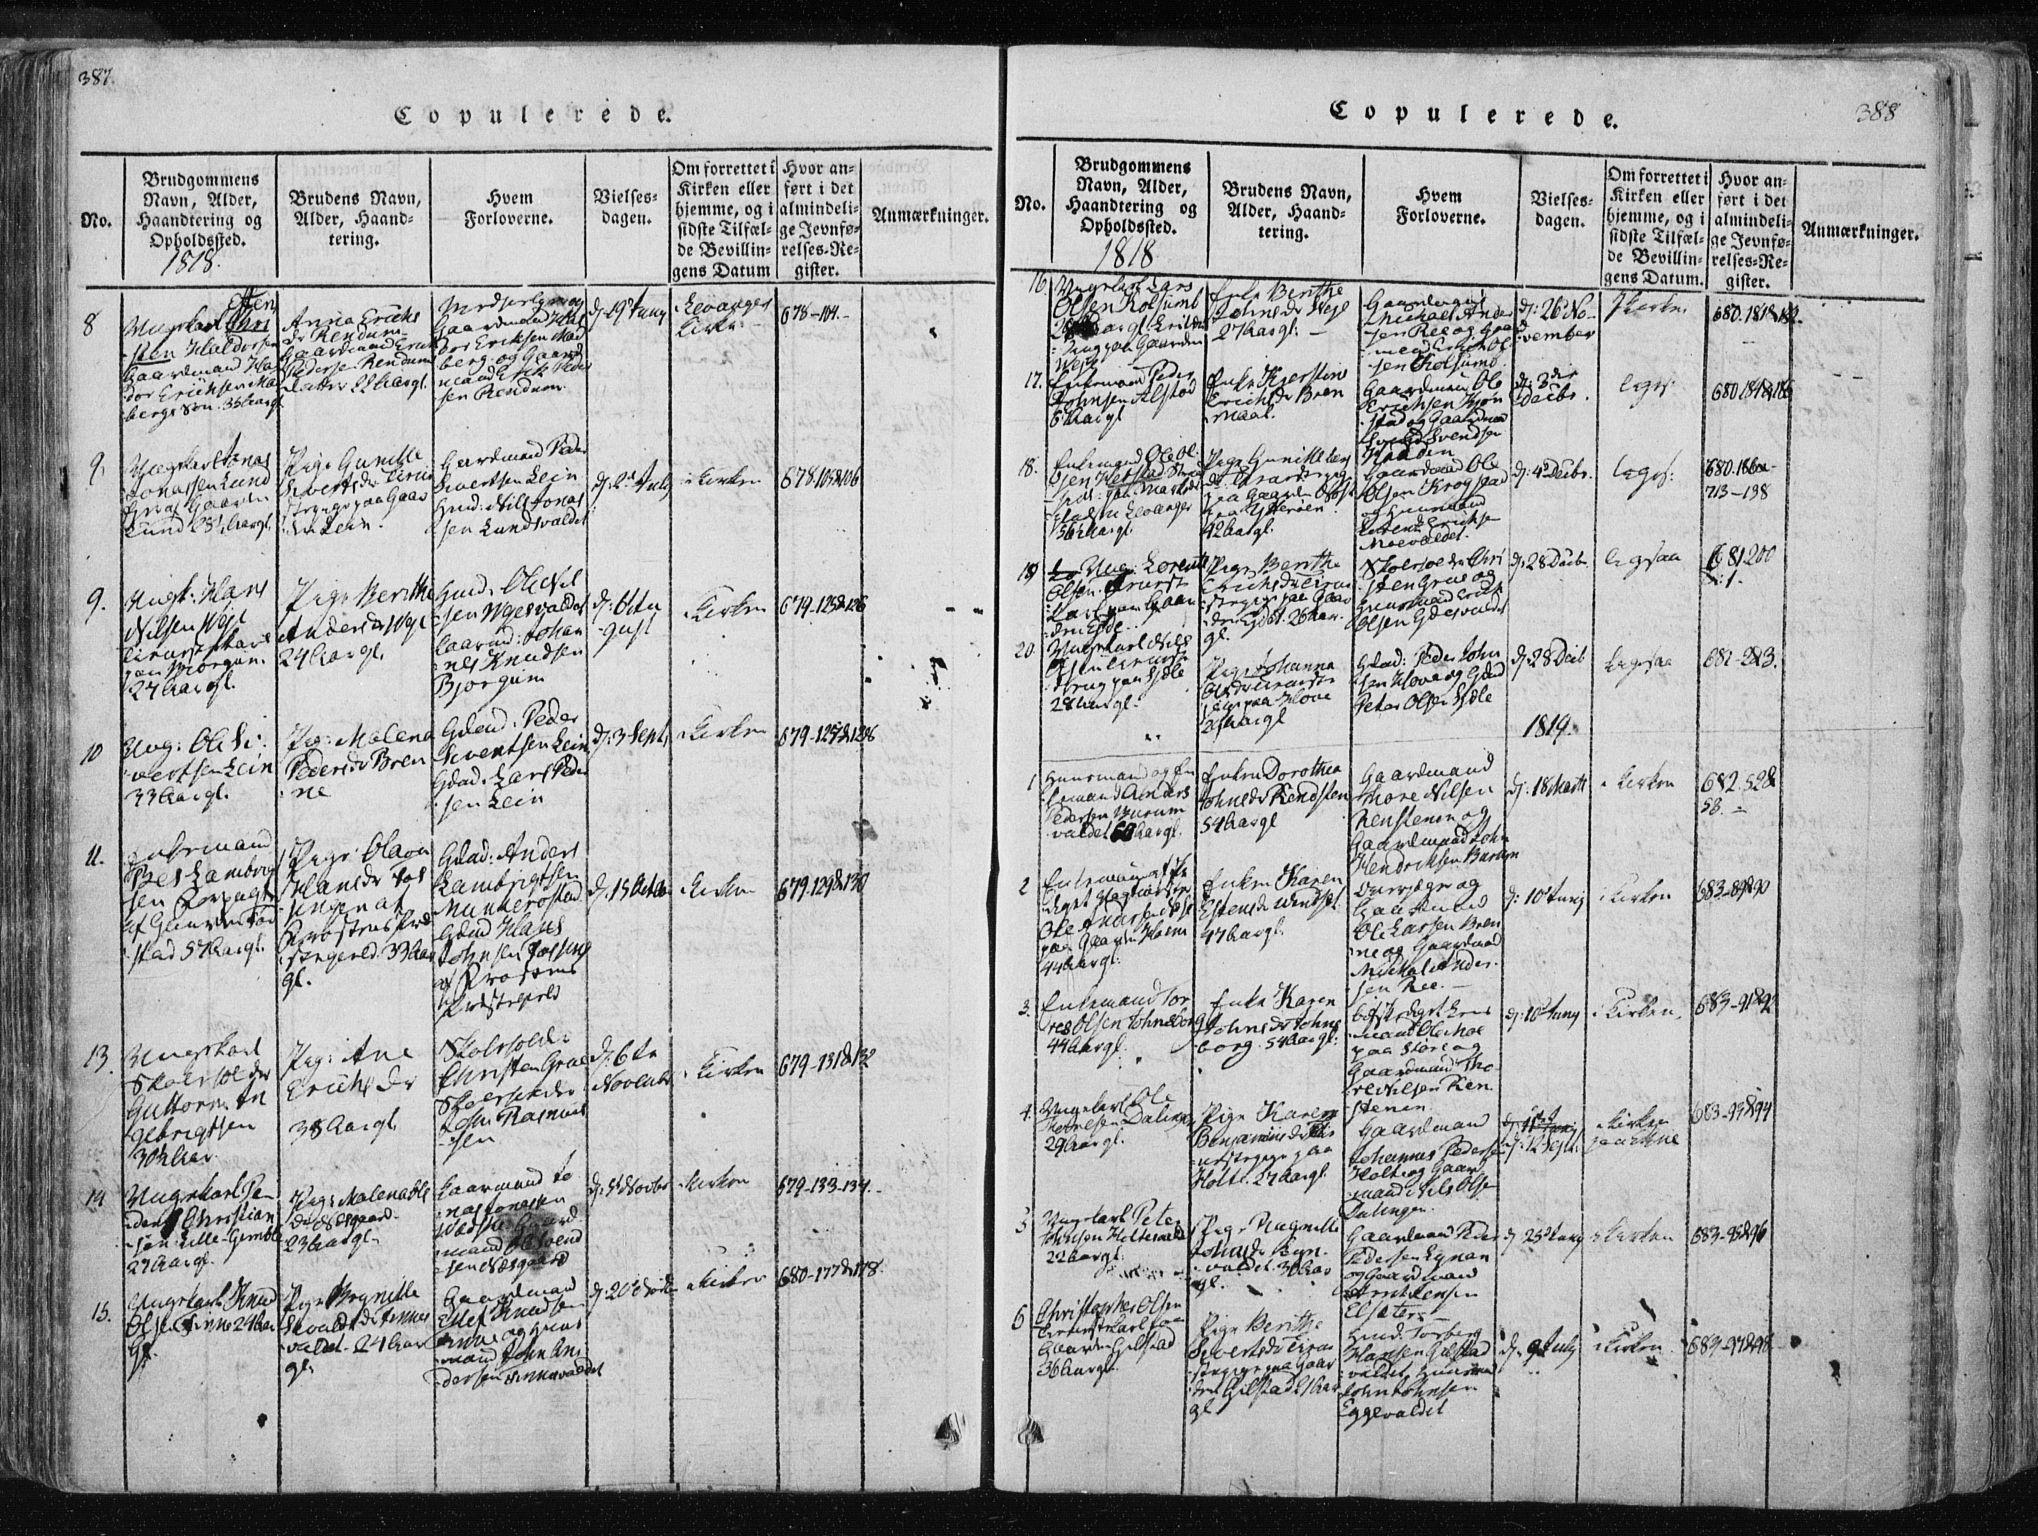 SAT, Ministerialprotokoller, klokkerbøker og fødselsregistre - Nord-Trøndelag, 717/L0148: Ministerialbok nr. 717A04 /1, 1816-1825, s. 387-388